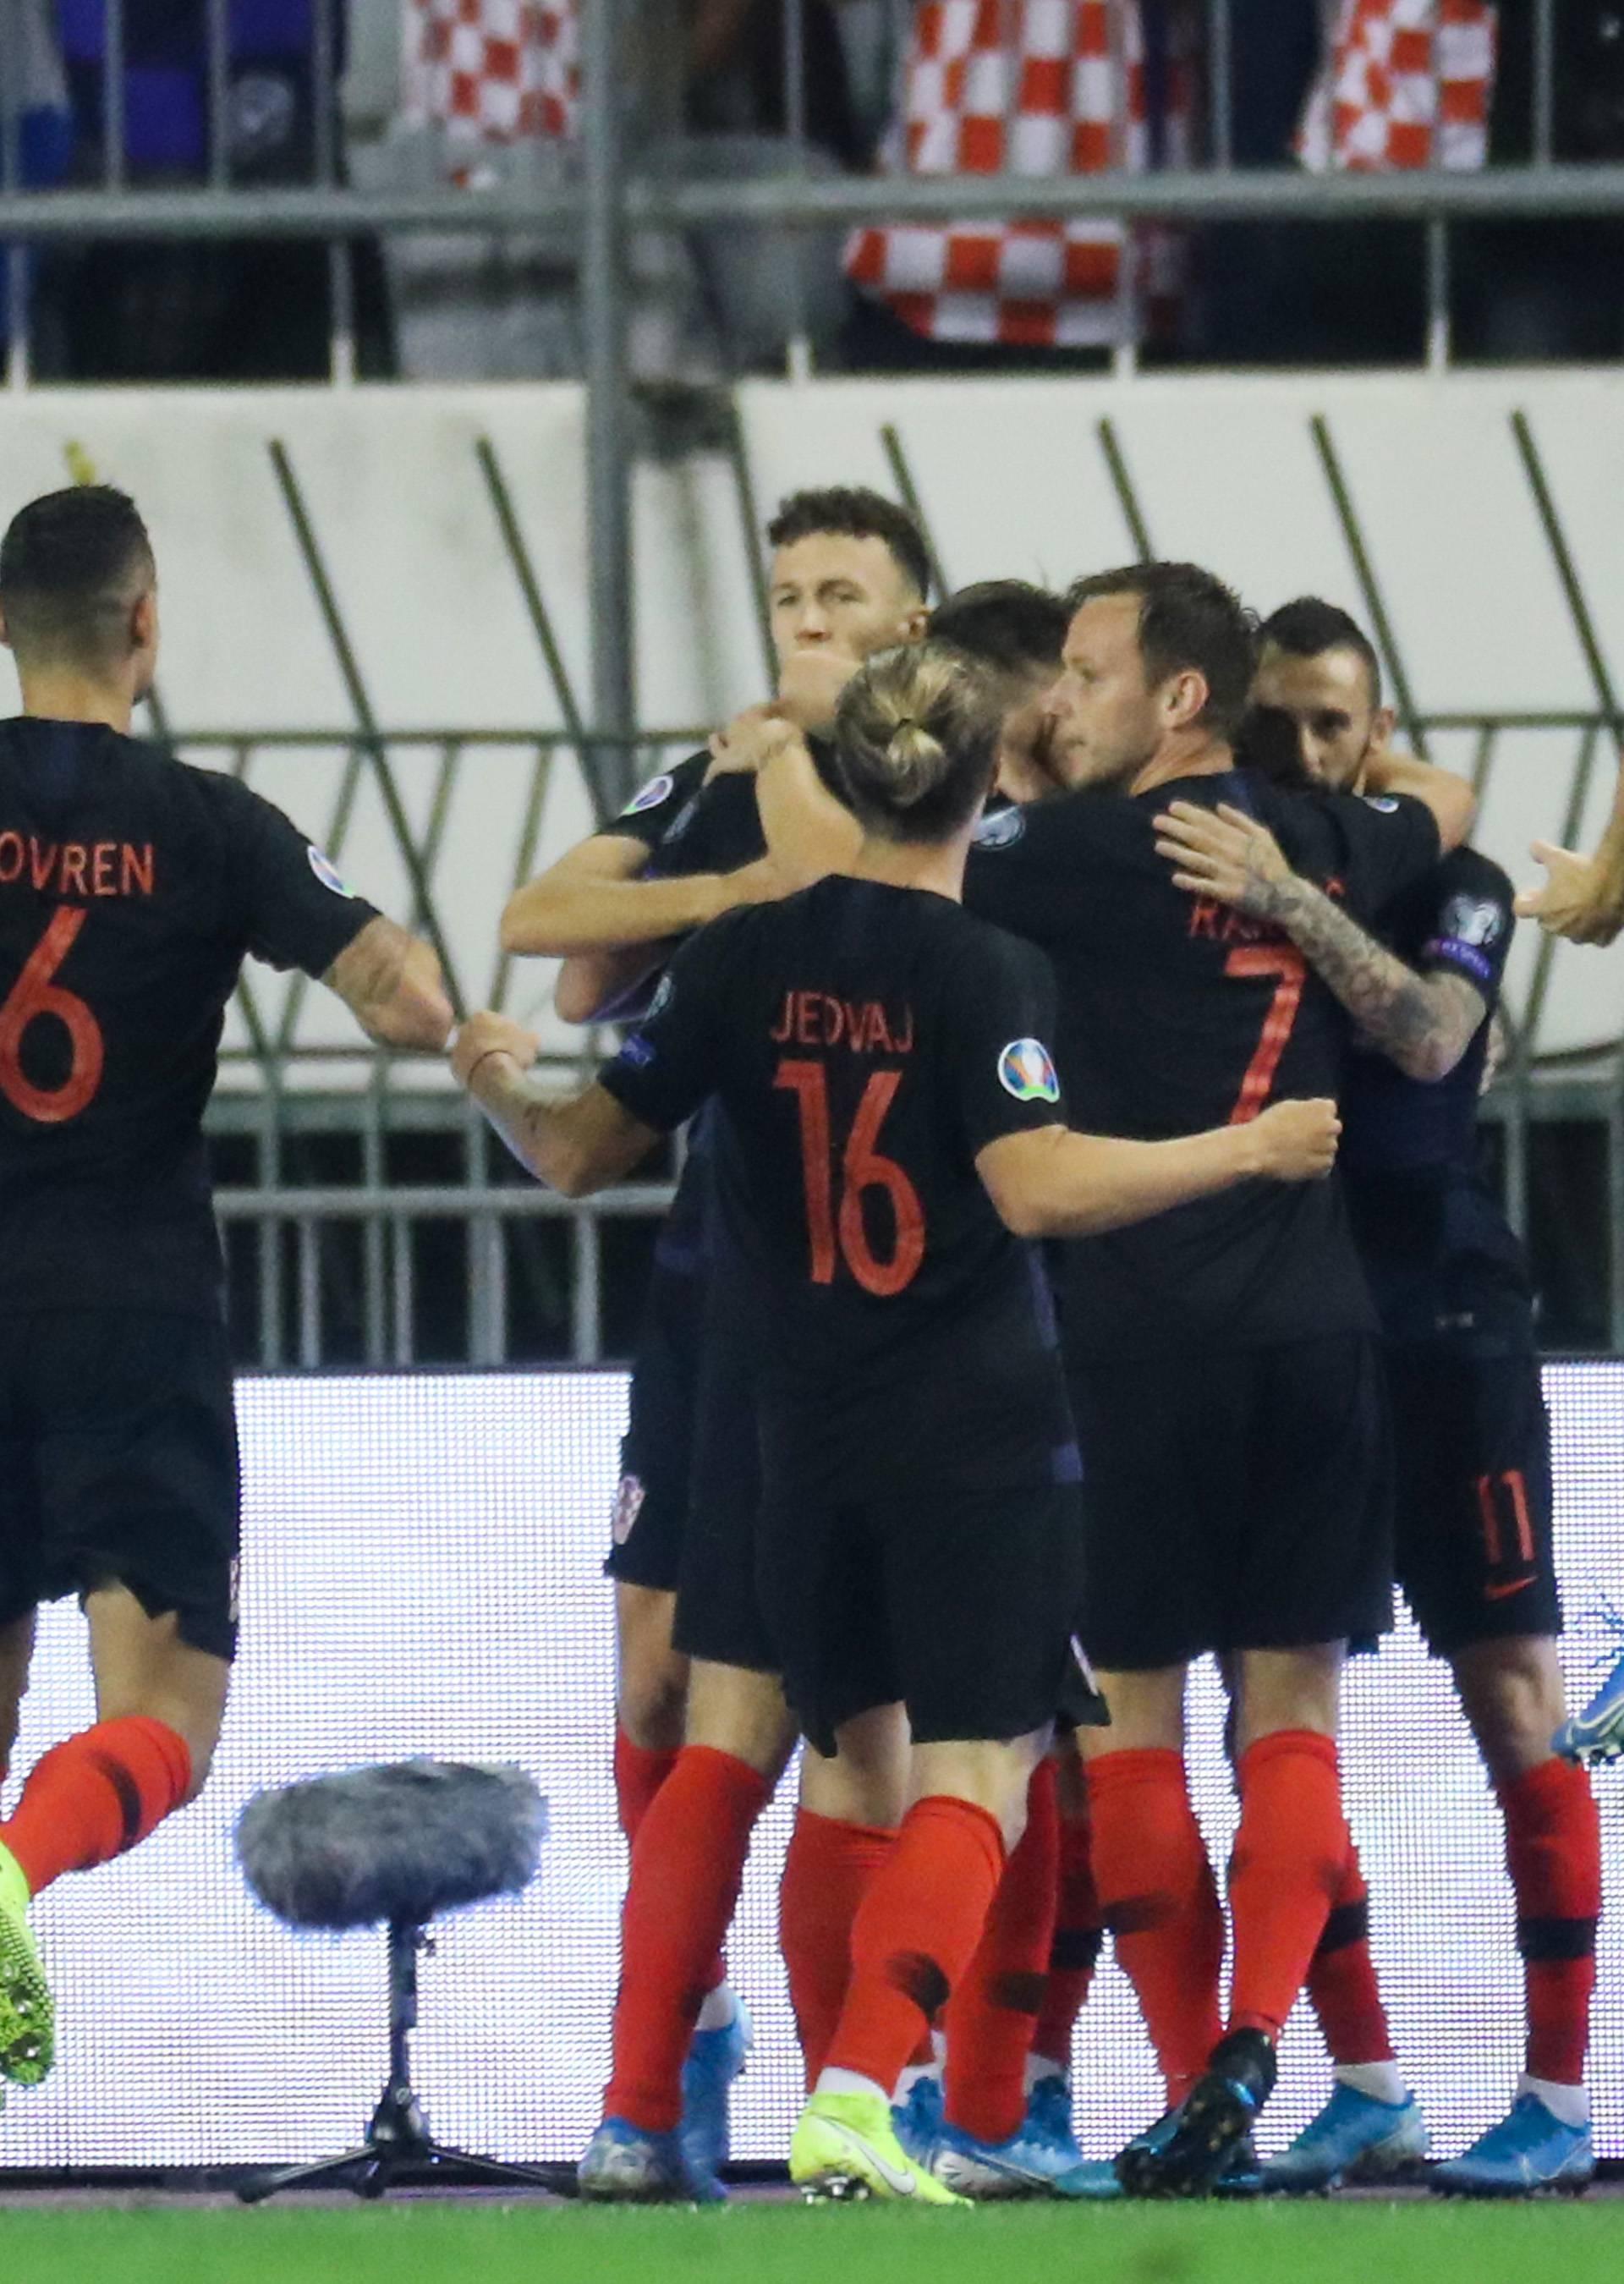 Hrvatska fantazija na Poljudu: 'Vatreni' su pred vratima Eura!